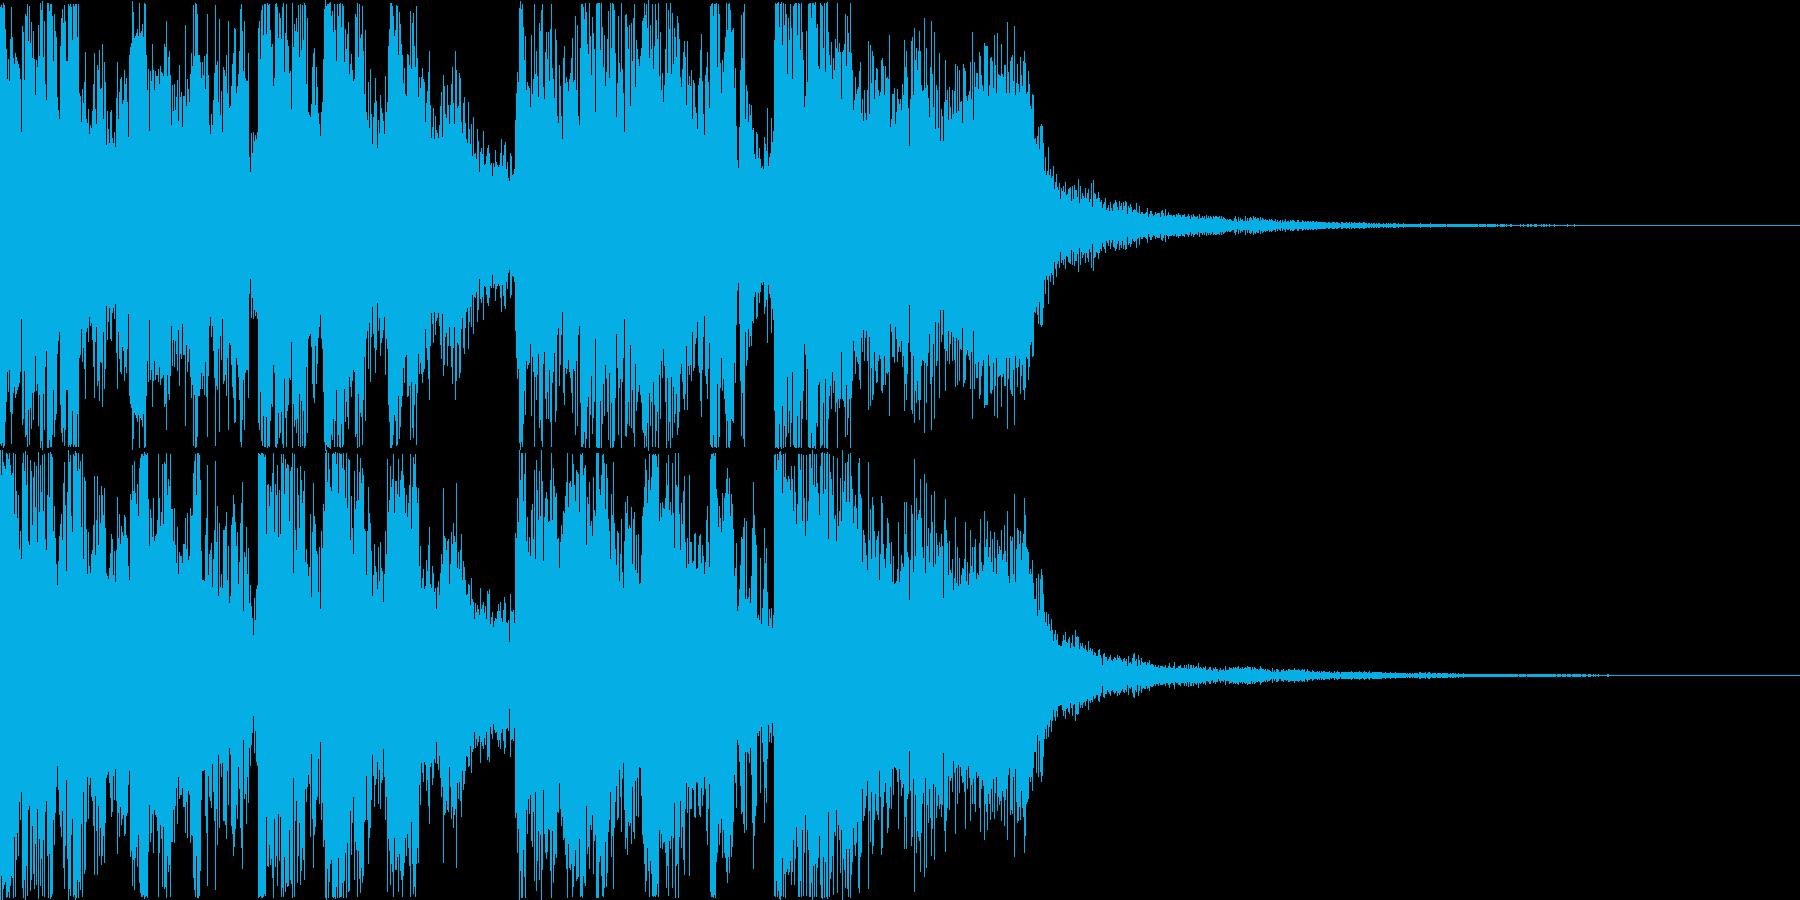 三味線・箏・尺八・和太鼓・ジングル06の再生済みの波形